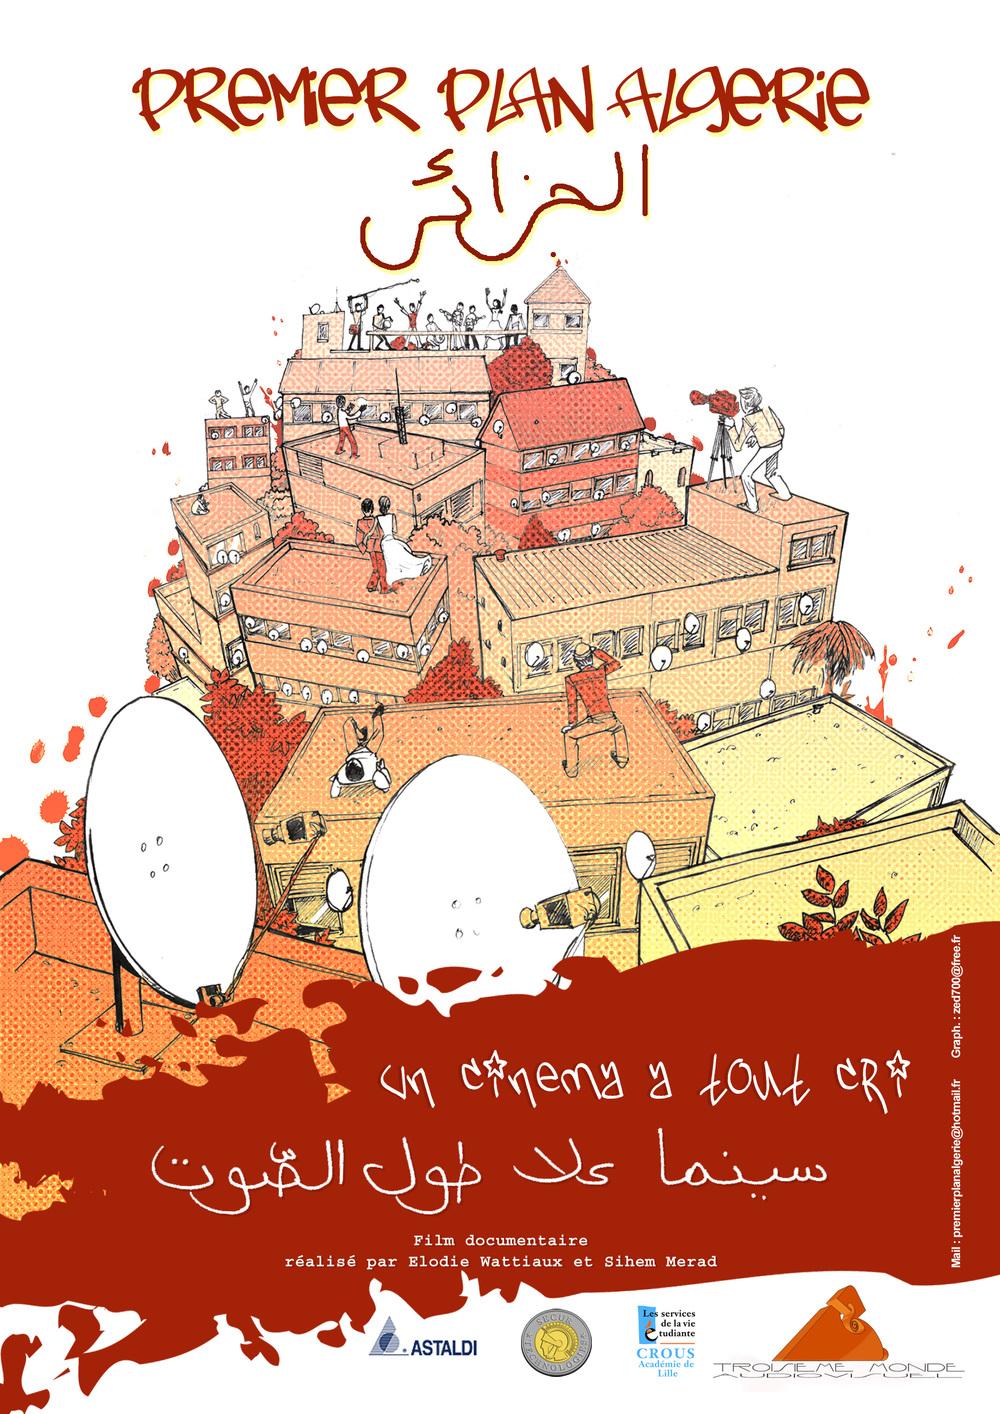 Affiche du film PREMIER PLAN ALGERIE. Graph zed700@free.fr